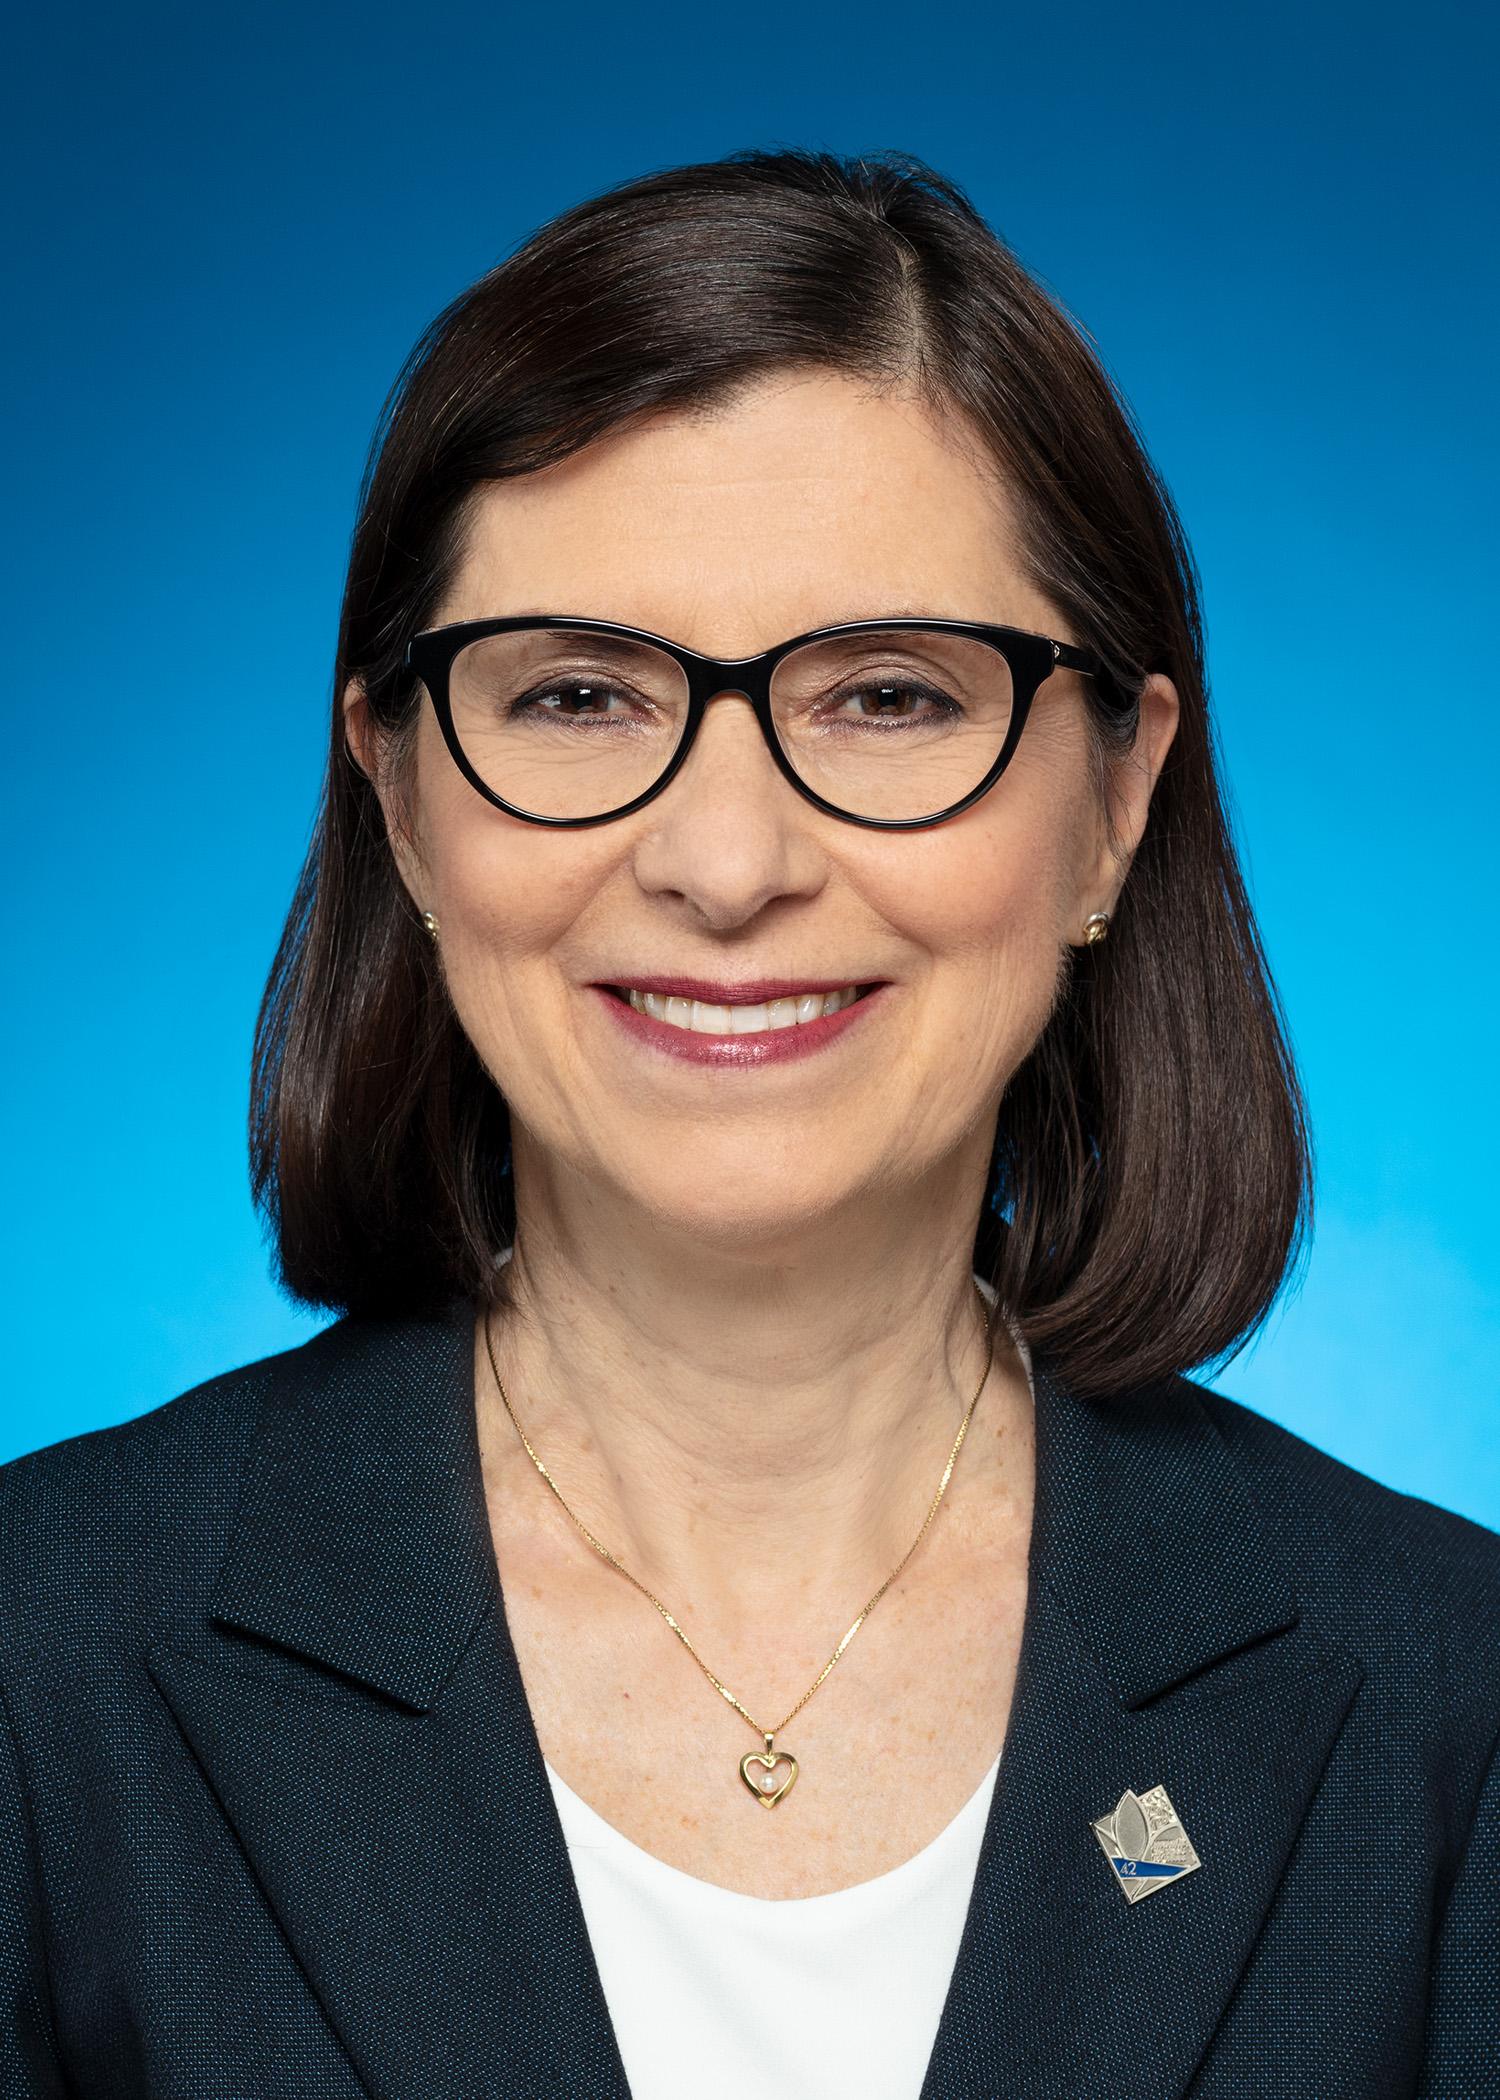 Danielle McCann